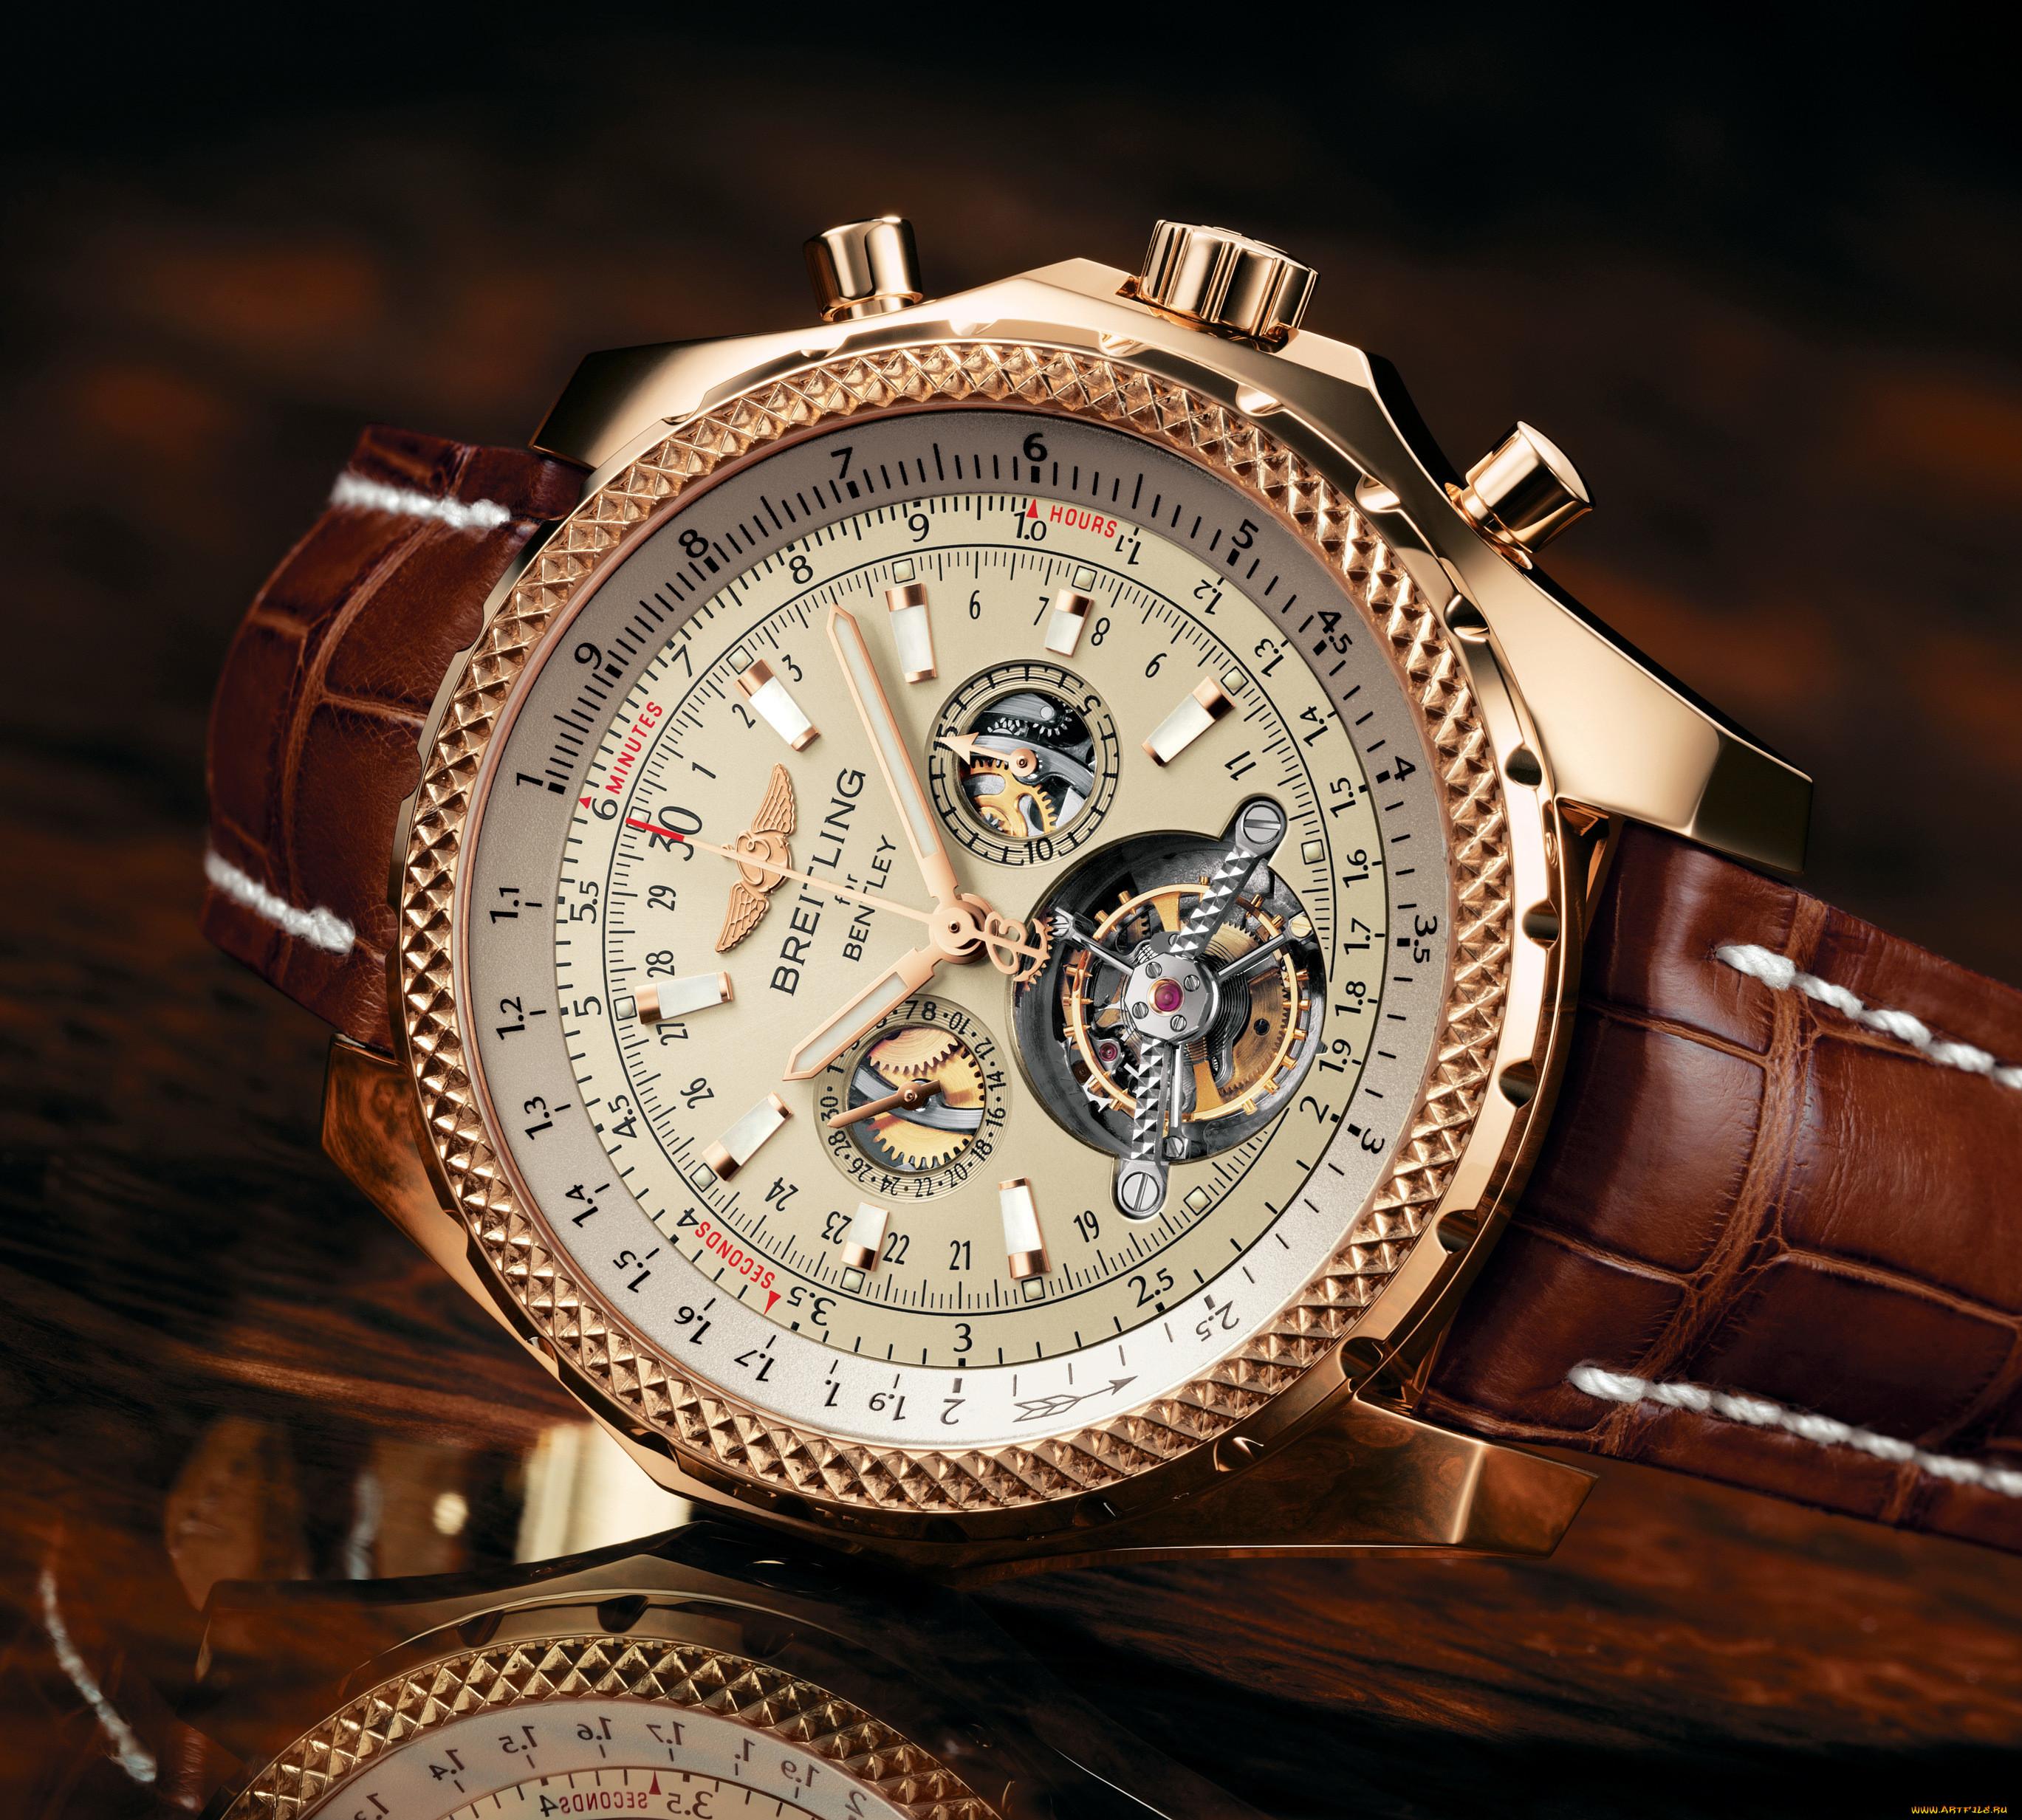 Продать часы, продать часы в ломбард, дорого продать часы